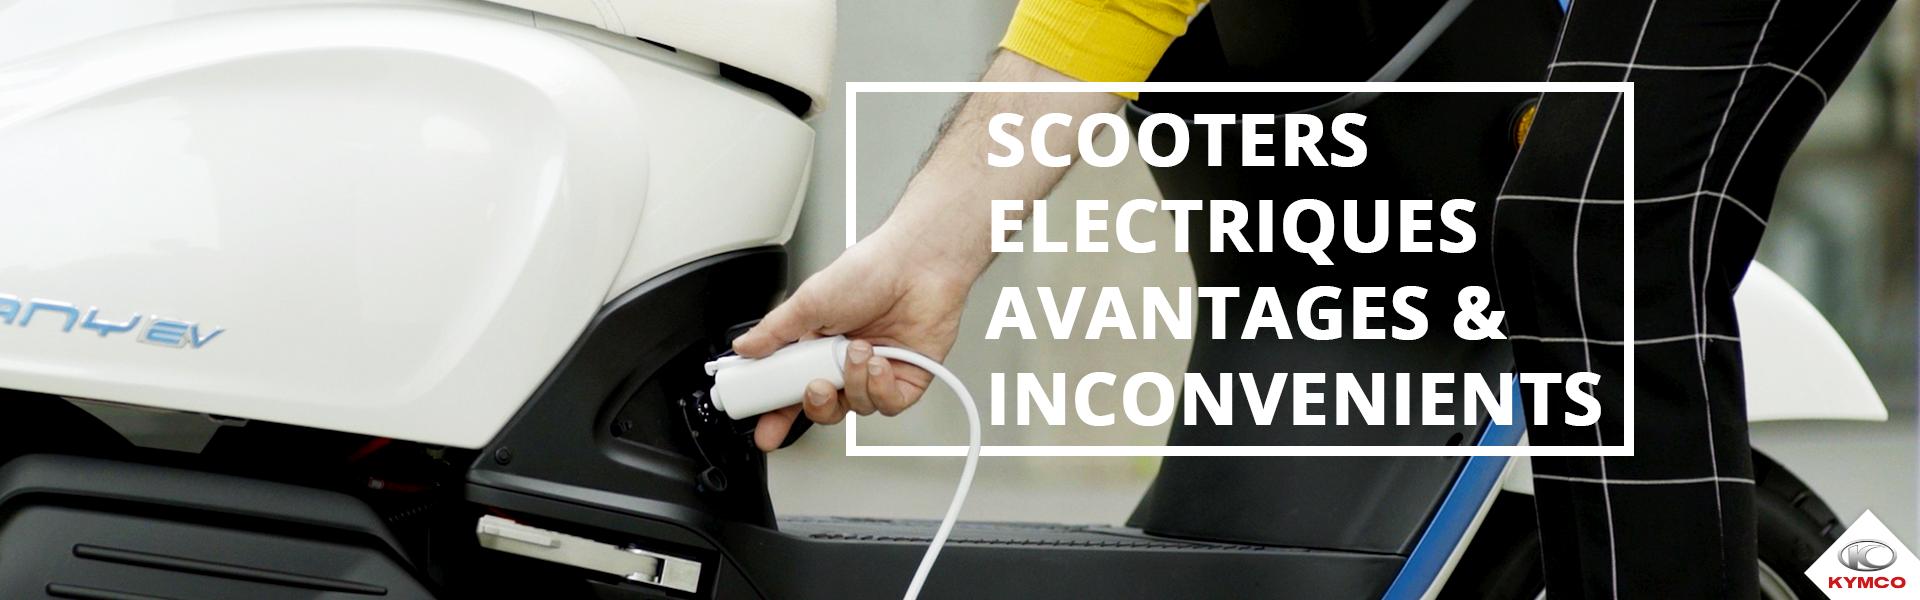 Scooters-electriques_avantages-inconvenients